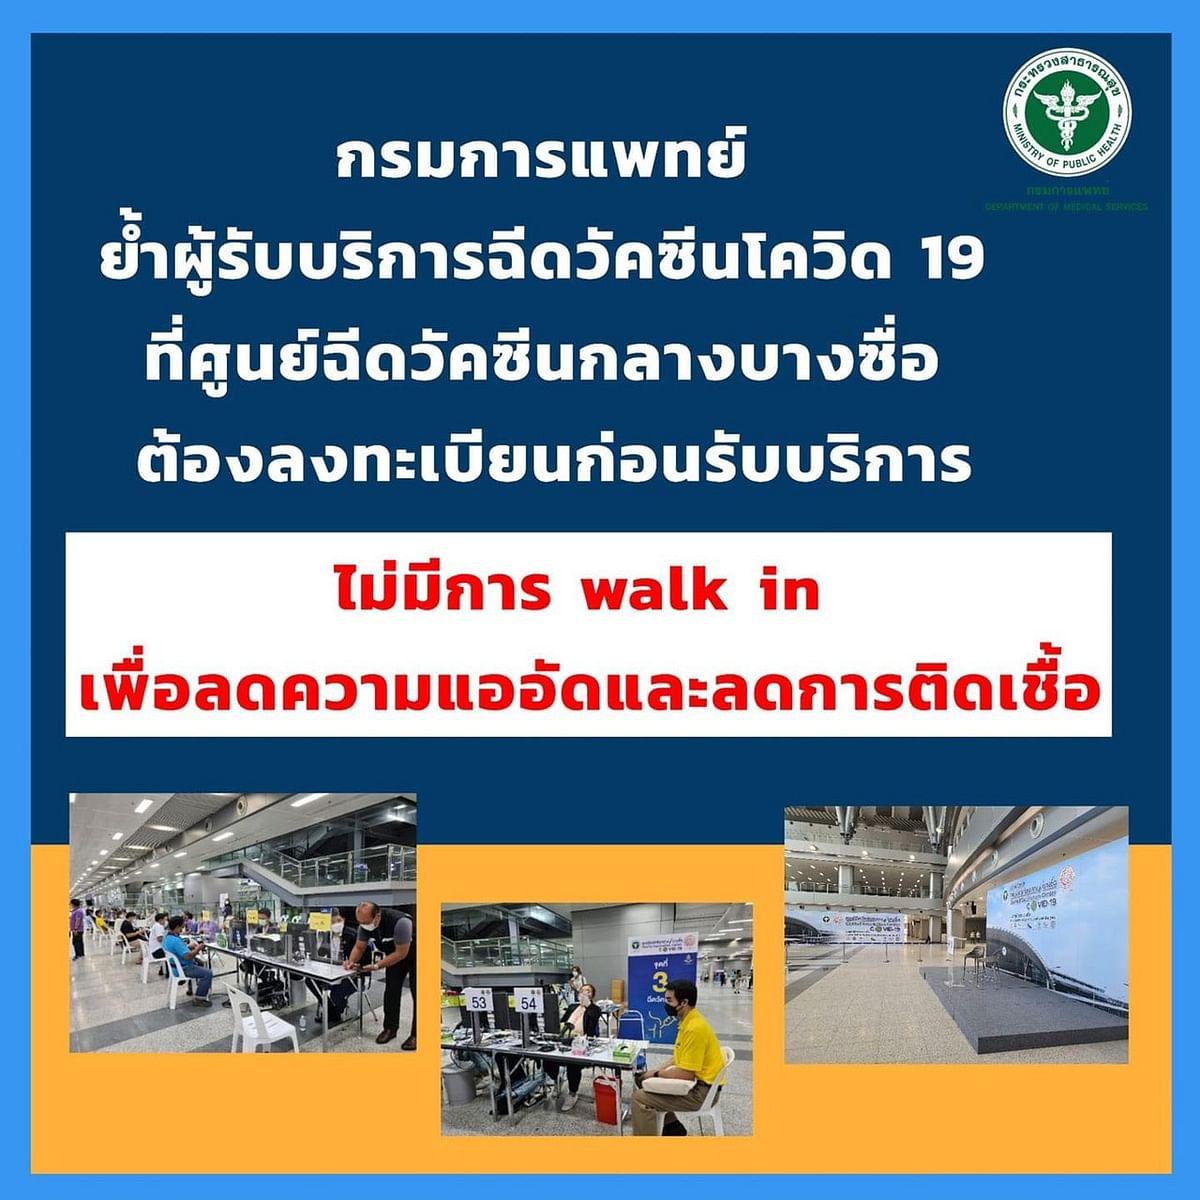 สถานีกลางบางซื่อ เปิดให้ฉีดวัคซีนโควิด 19 แบบ walk in